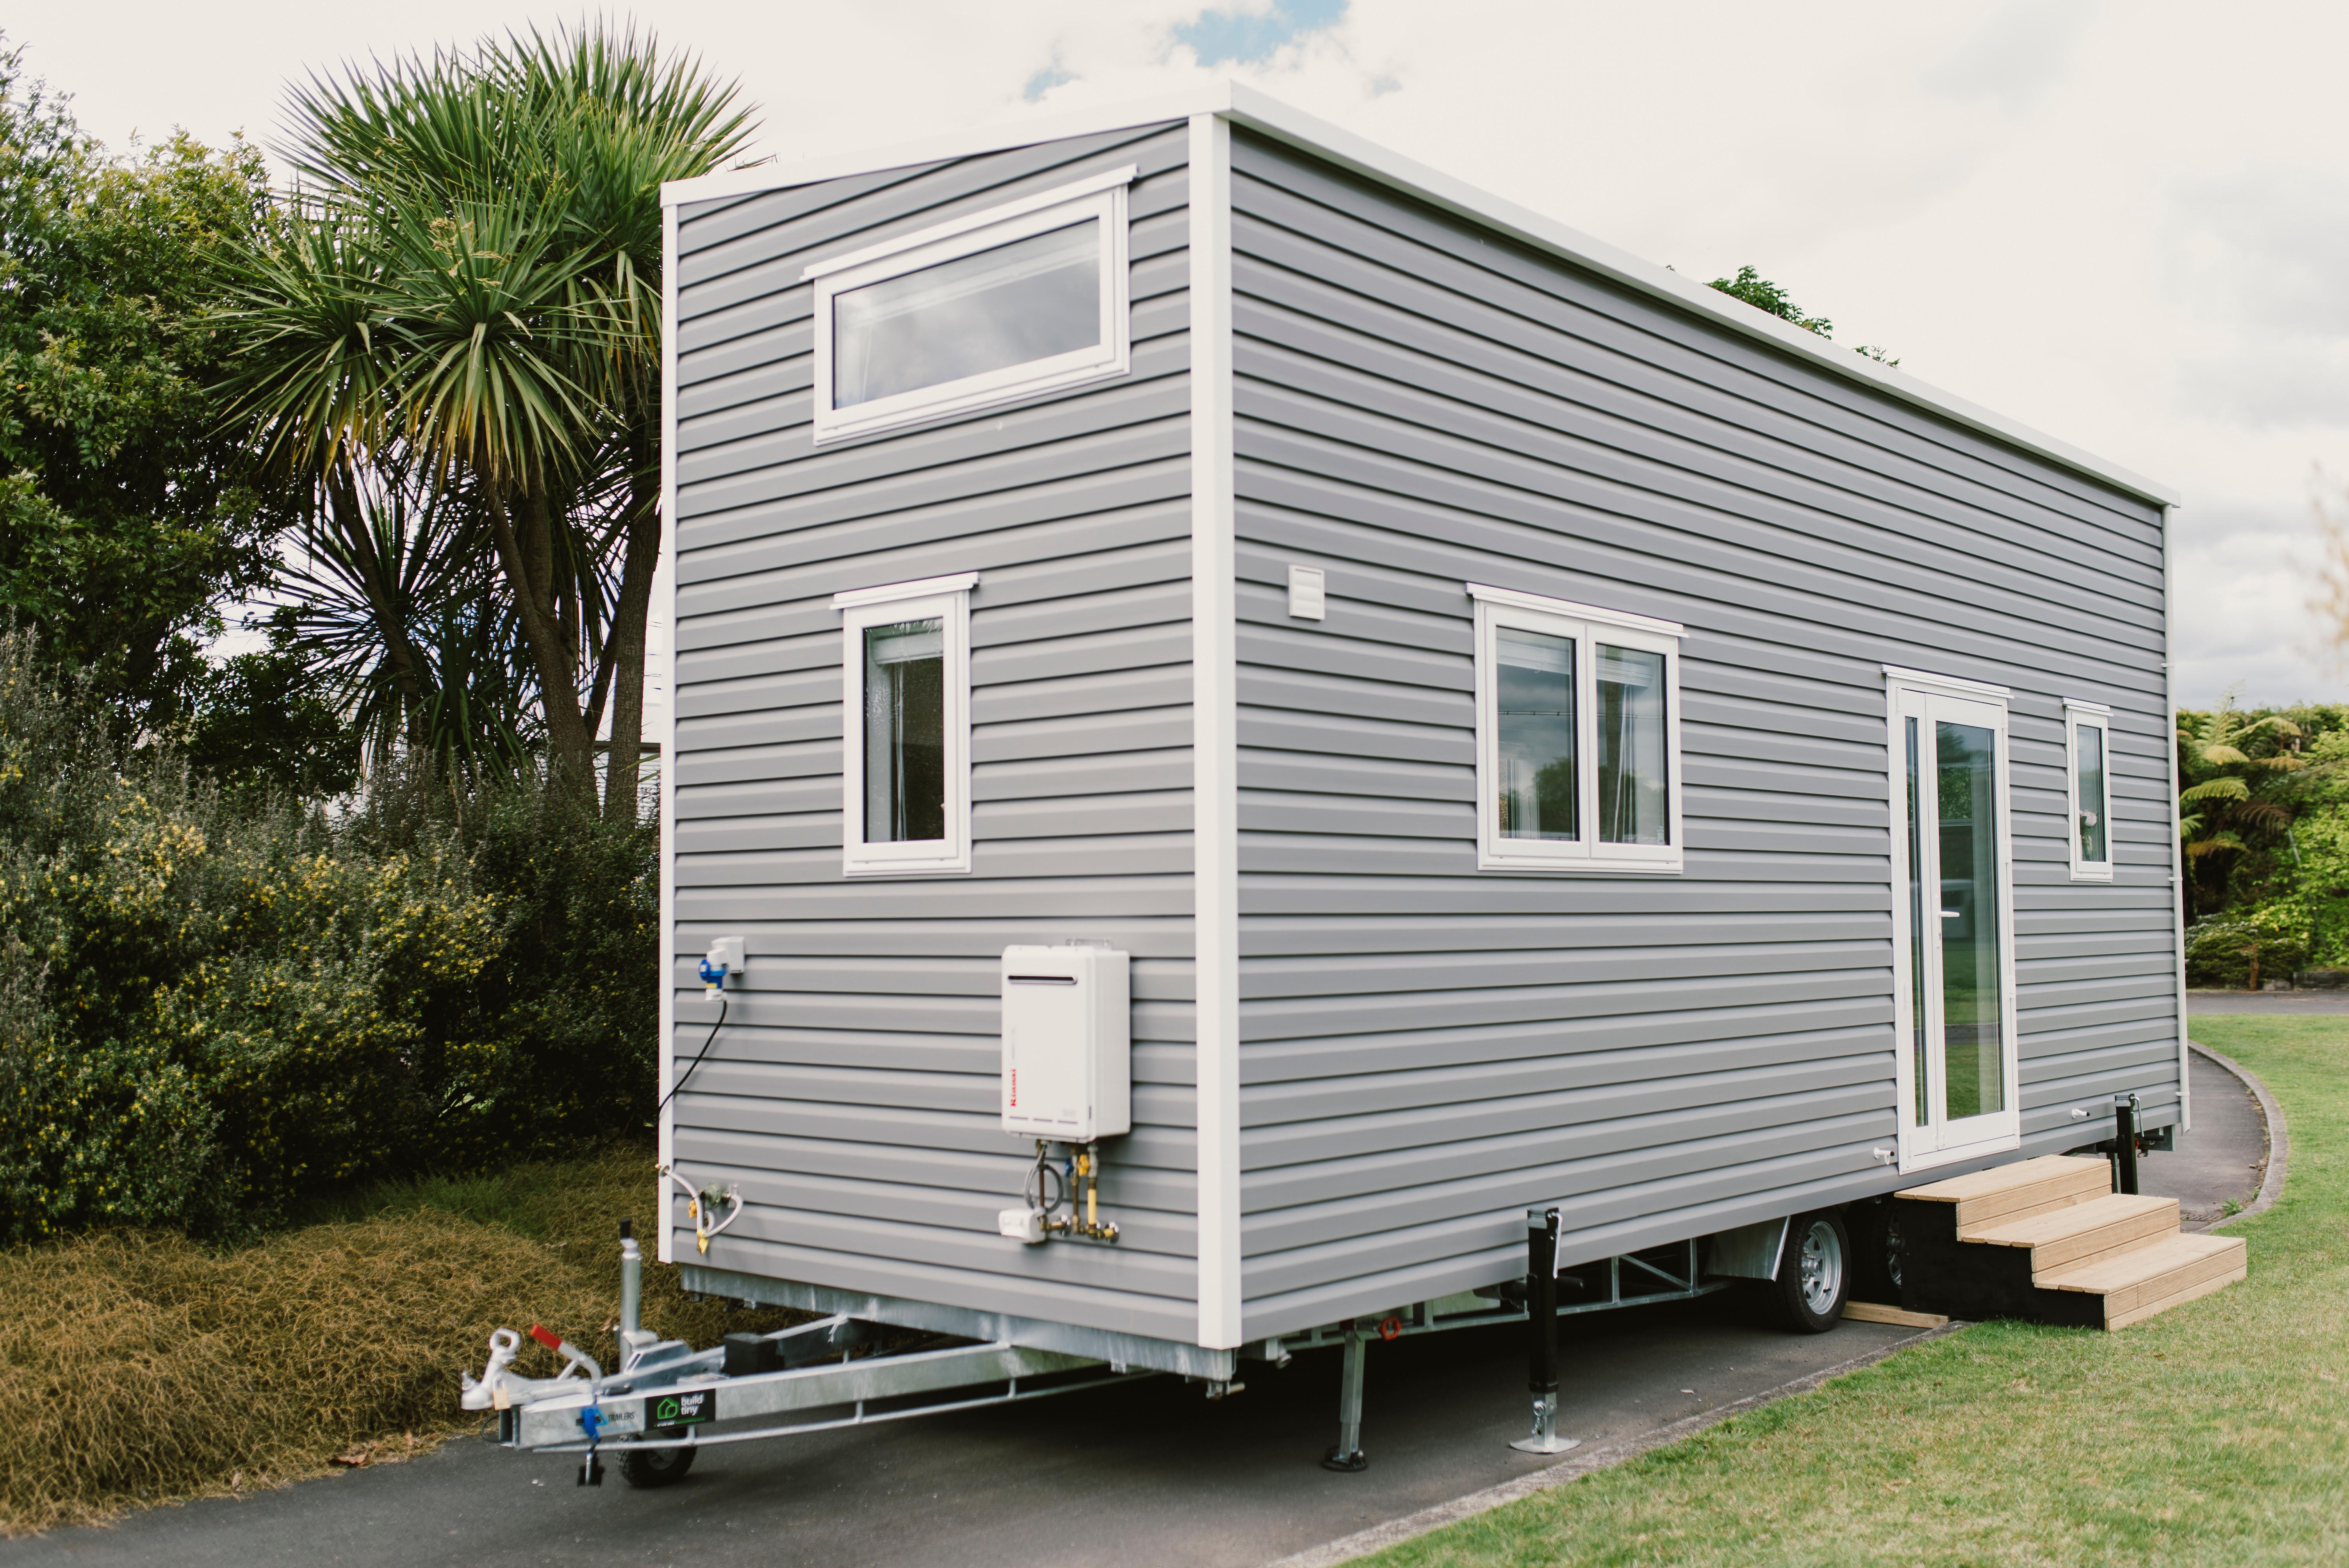 The Archer Tiny House | Build Tiny | Katikati, NZ on 1000 sq ft. small homes, 400 sq ft. small homes, tiny key west homes, busses from tiny homes, tiny pueblo homes, mini custom homes, pod homes,